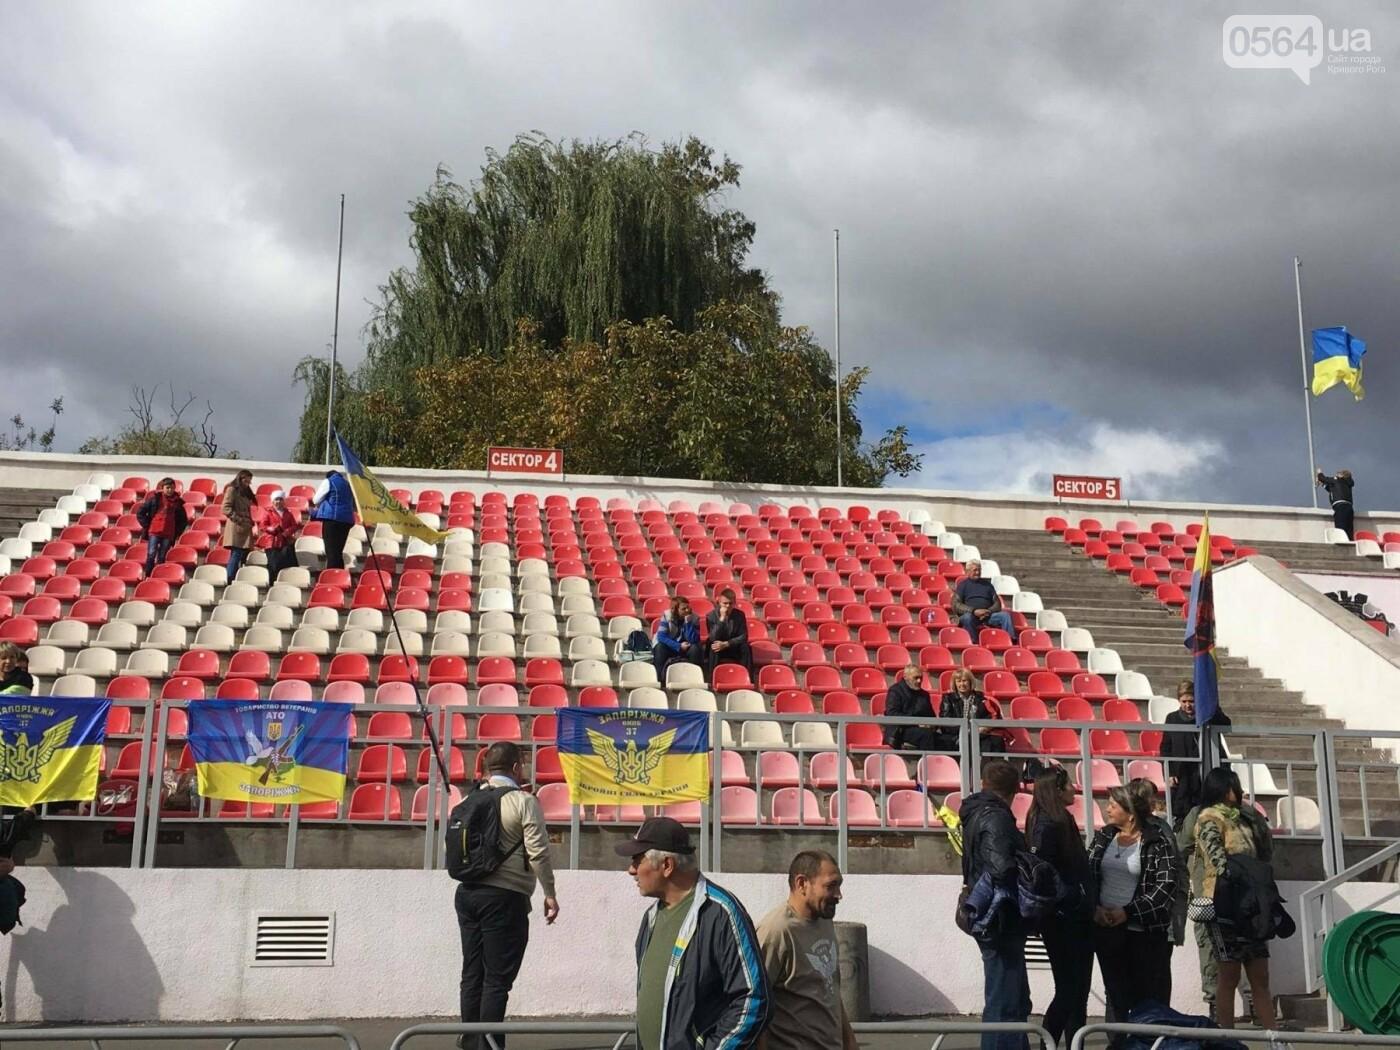 Криворожане пришли на футбольный матч чтобы поддержать бойцов АТО (ФОТО, ВИДЕО), фото-6